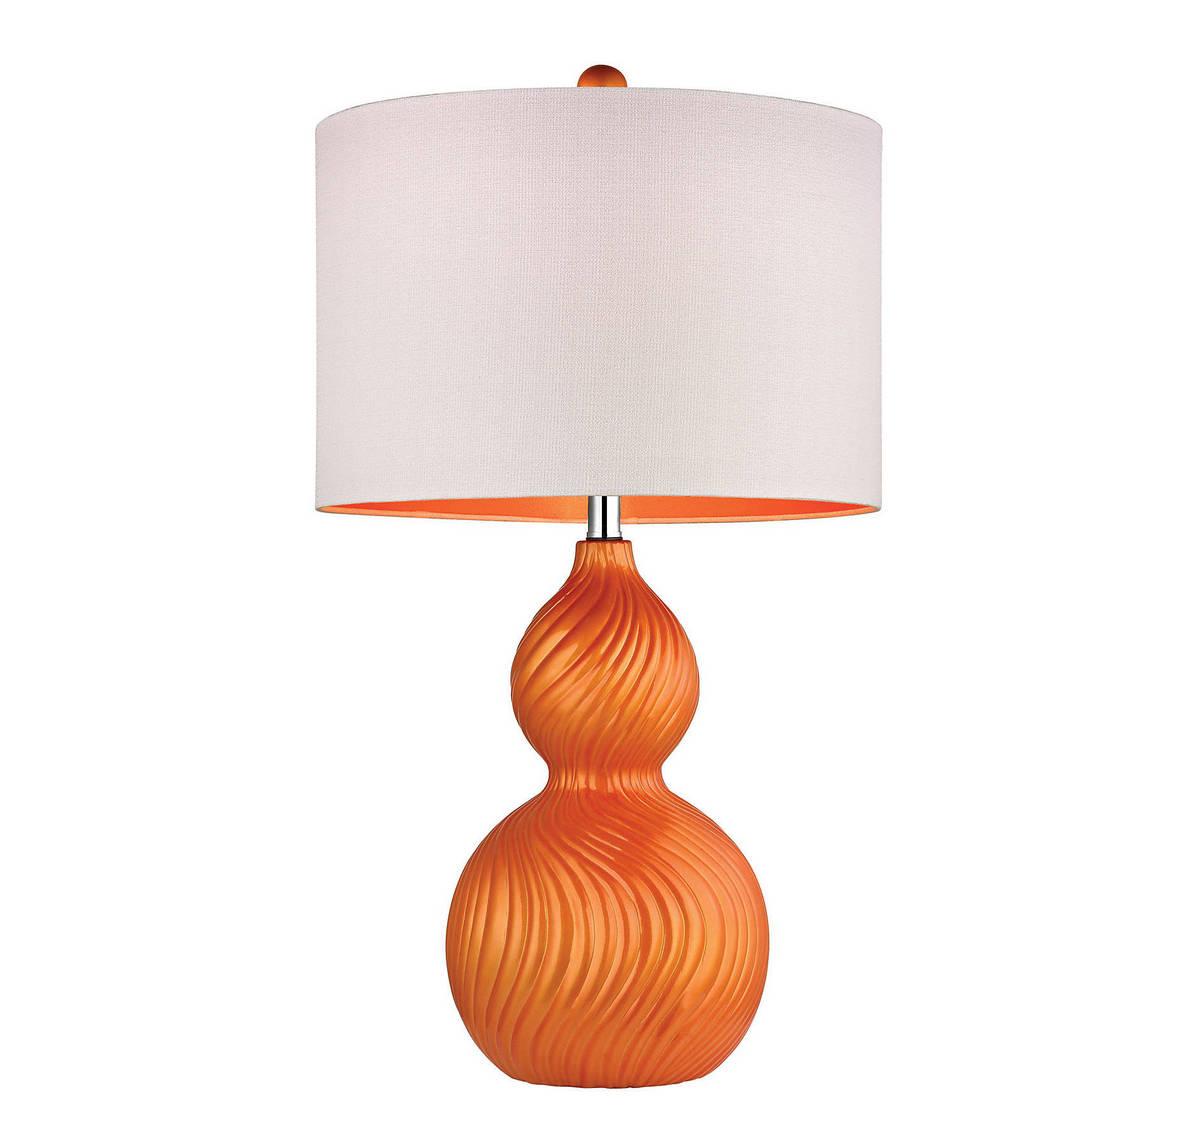 Dimond Carluke 26 Ceramic Table Lamp in Tangerine Orange